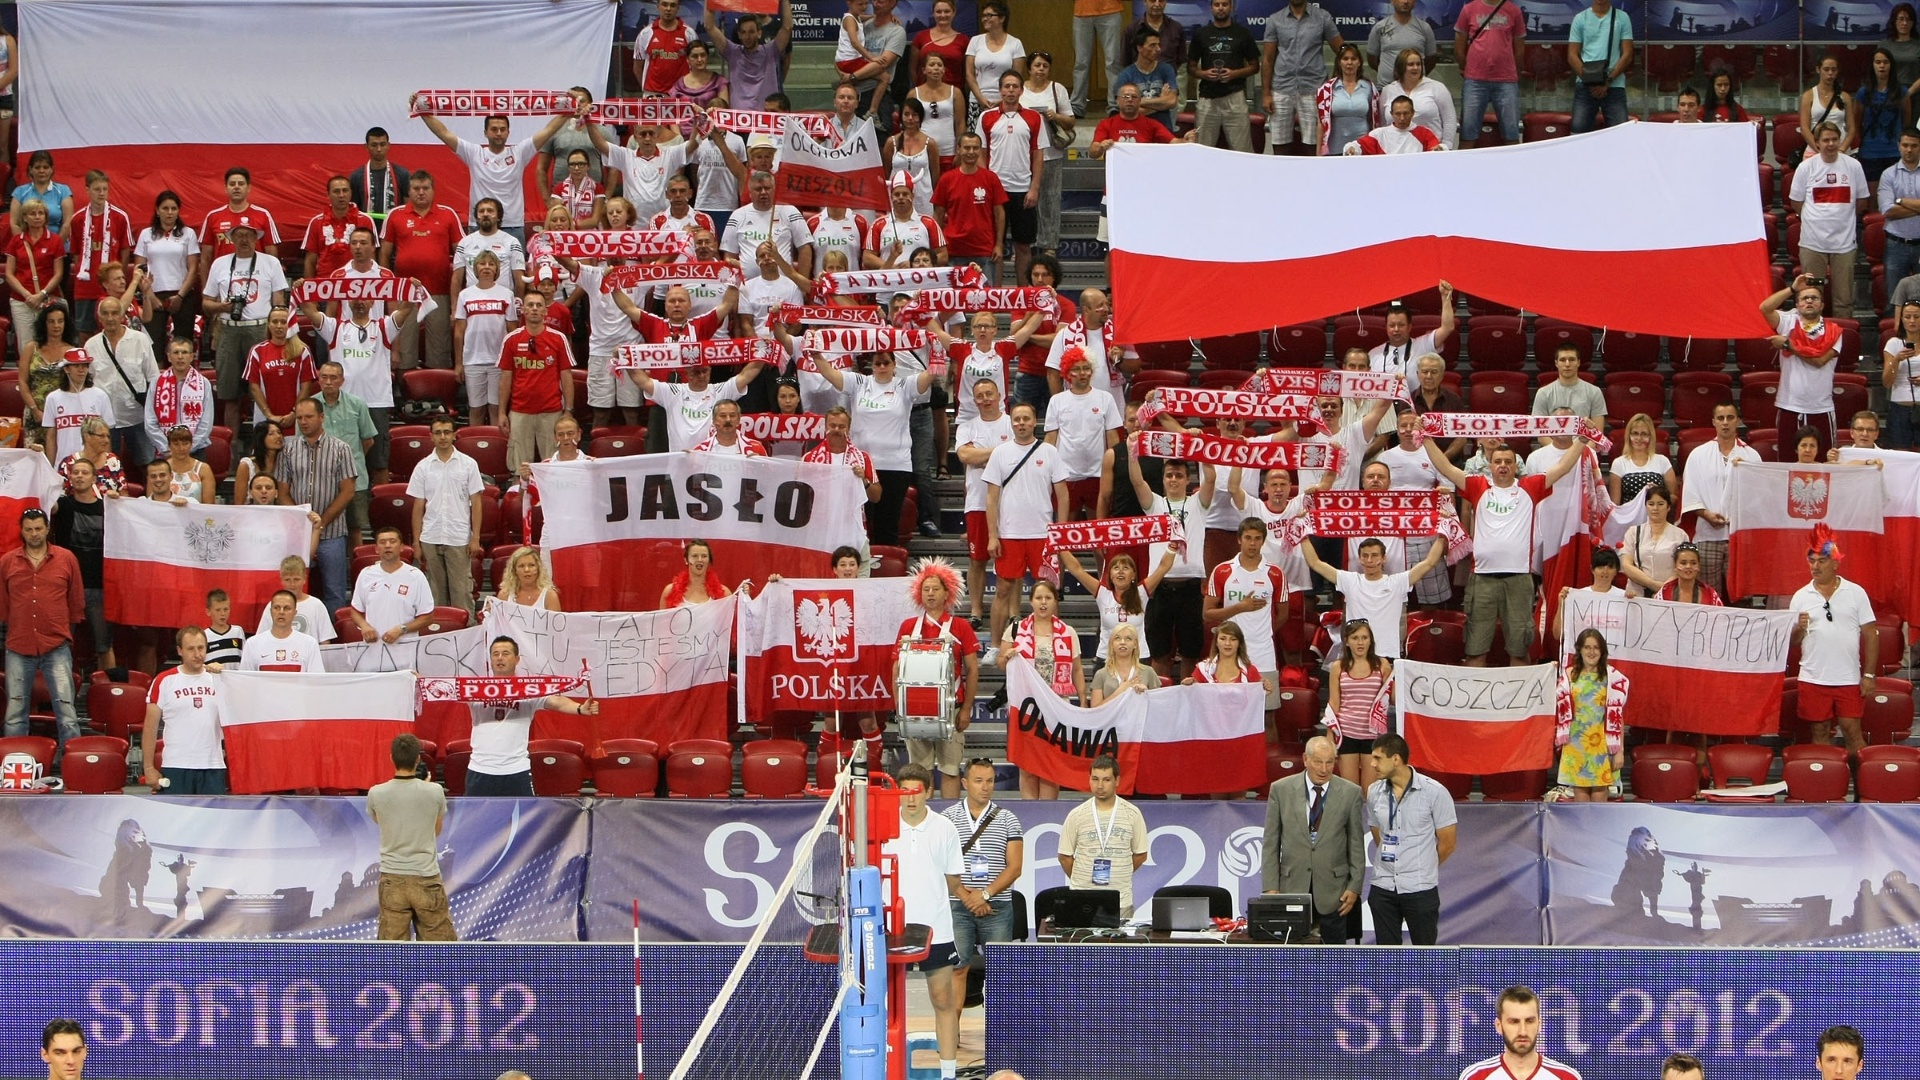 Torcida polonesa ocupa espaço grande no ginásio de Sófia, na Bulgária, na partida contra o Brasil pela Liga Mundial 2012 (05/07/2012)